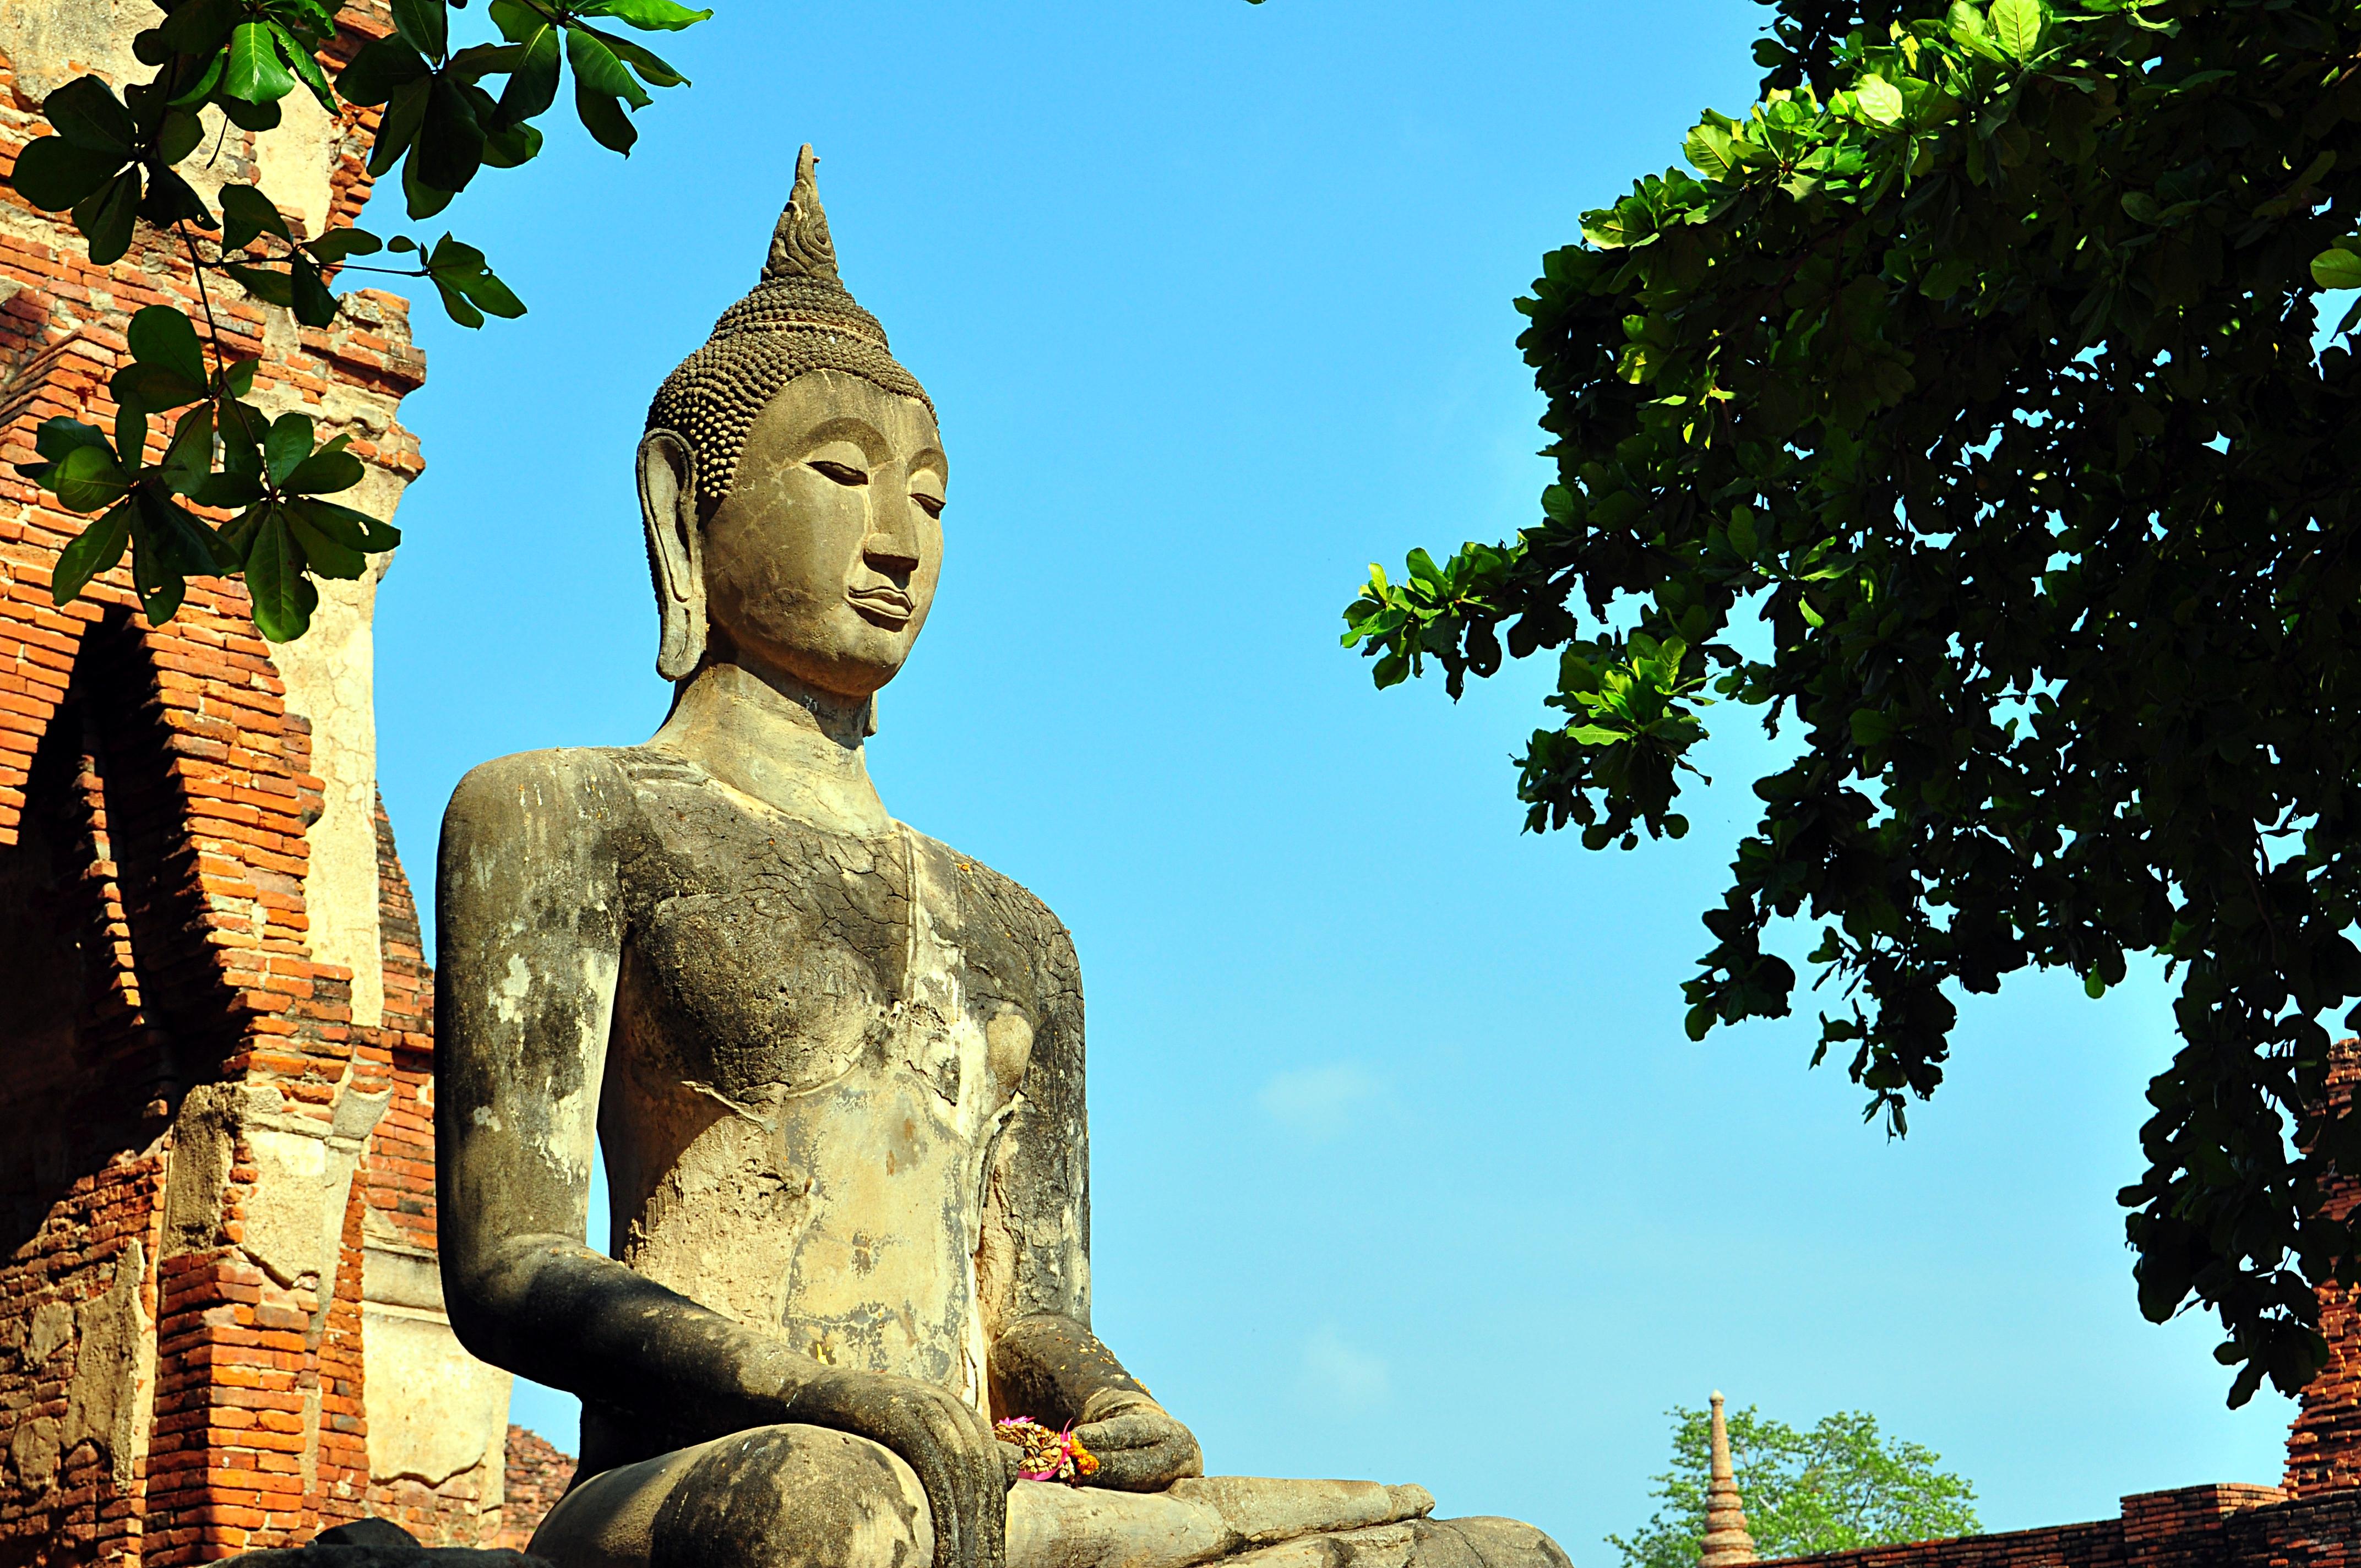 File:Wat Mahathat (Ayutthaya).jpg - Wikimedia Commons